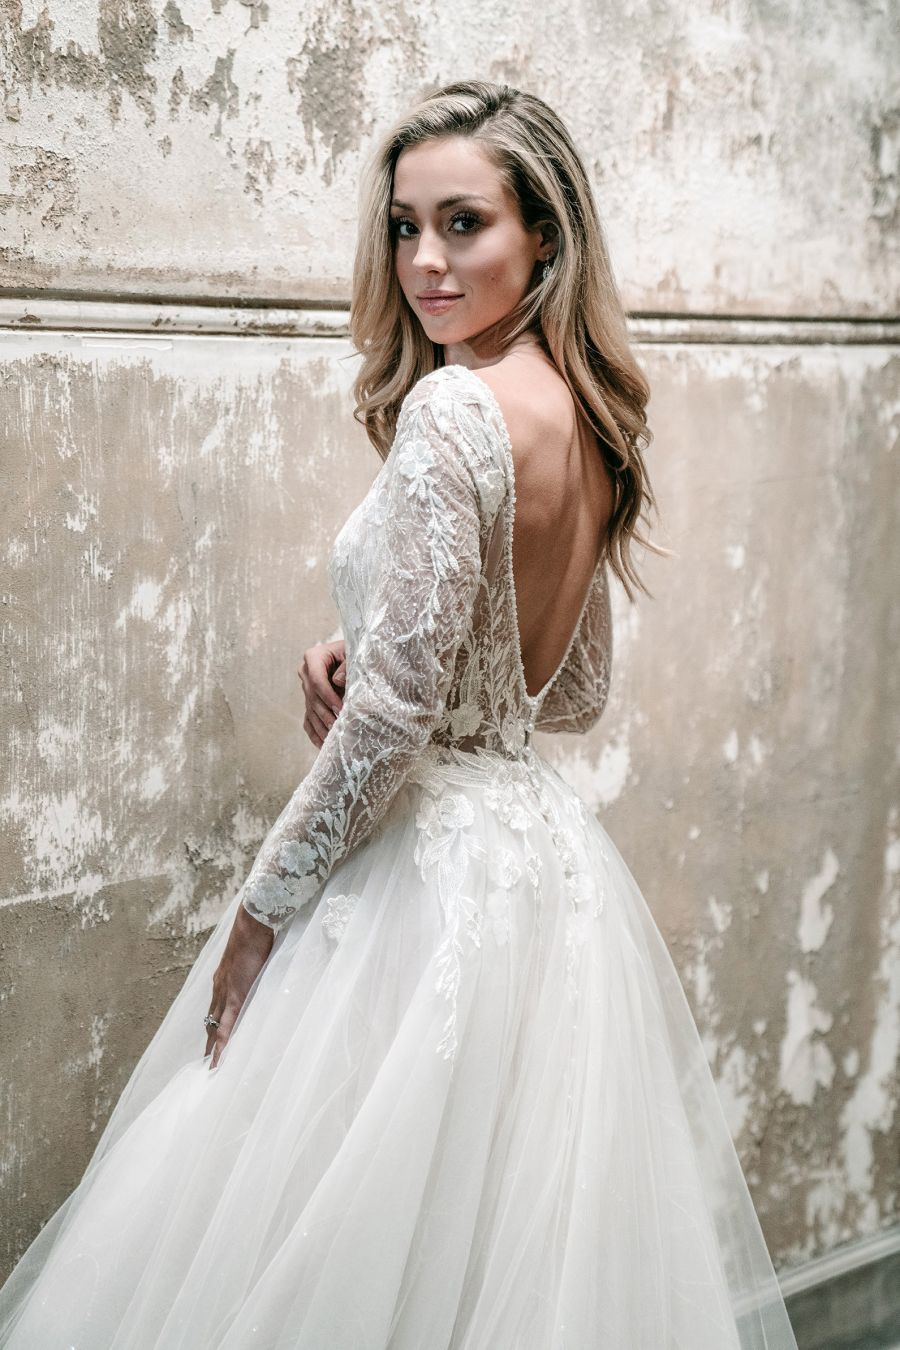 Indo comprar seu vestido de noiva? 7 pontos para considerar